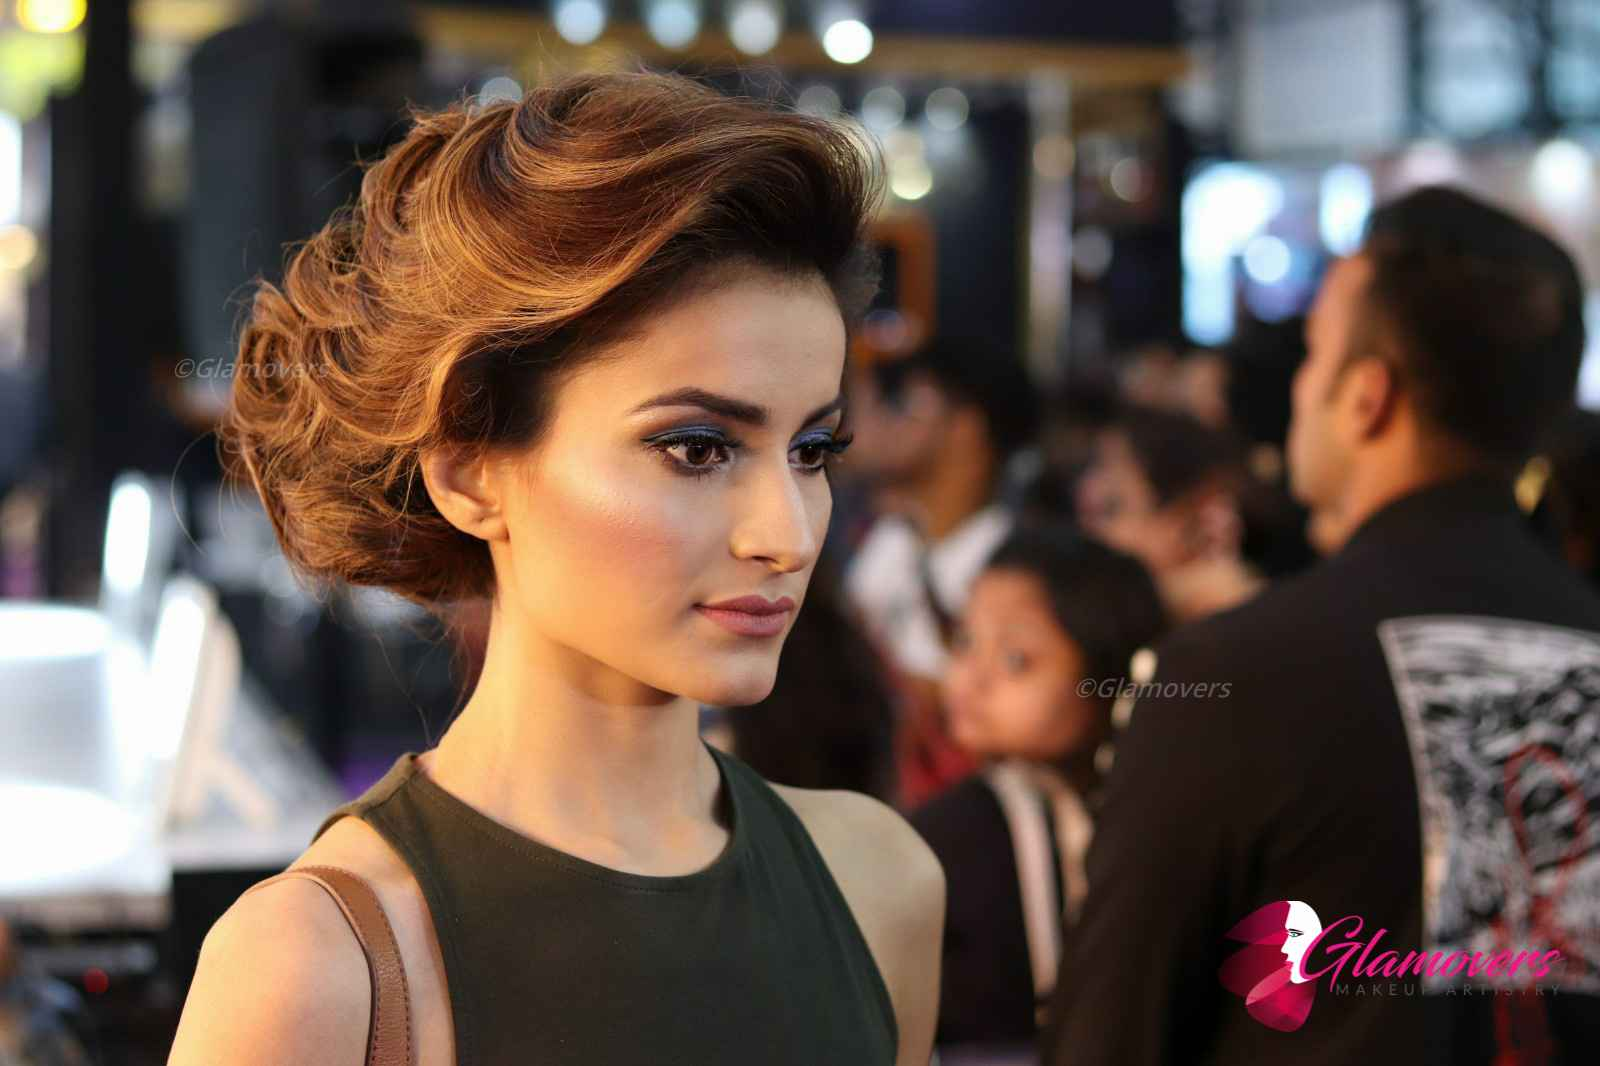 glamovers-makeup-artistry-makeup-artist-mumbai